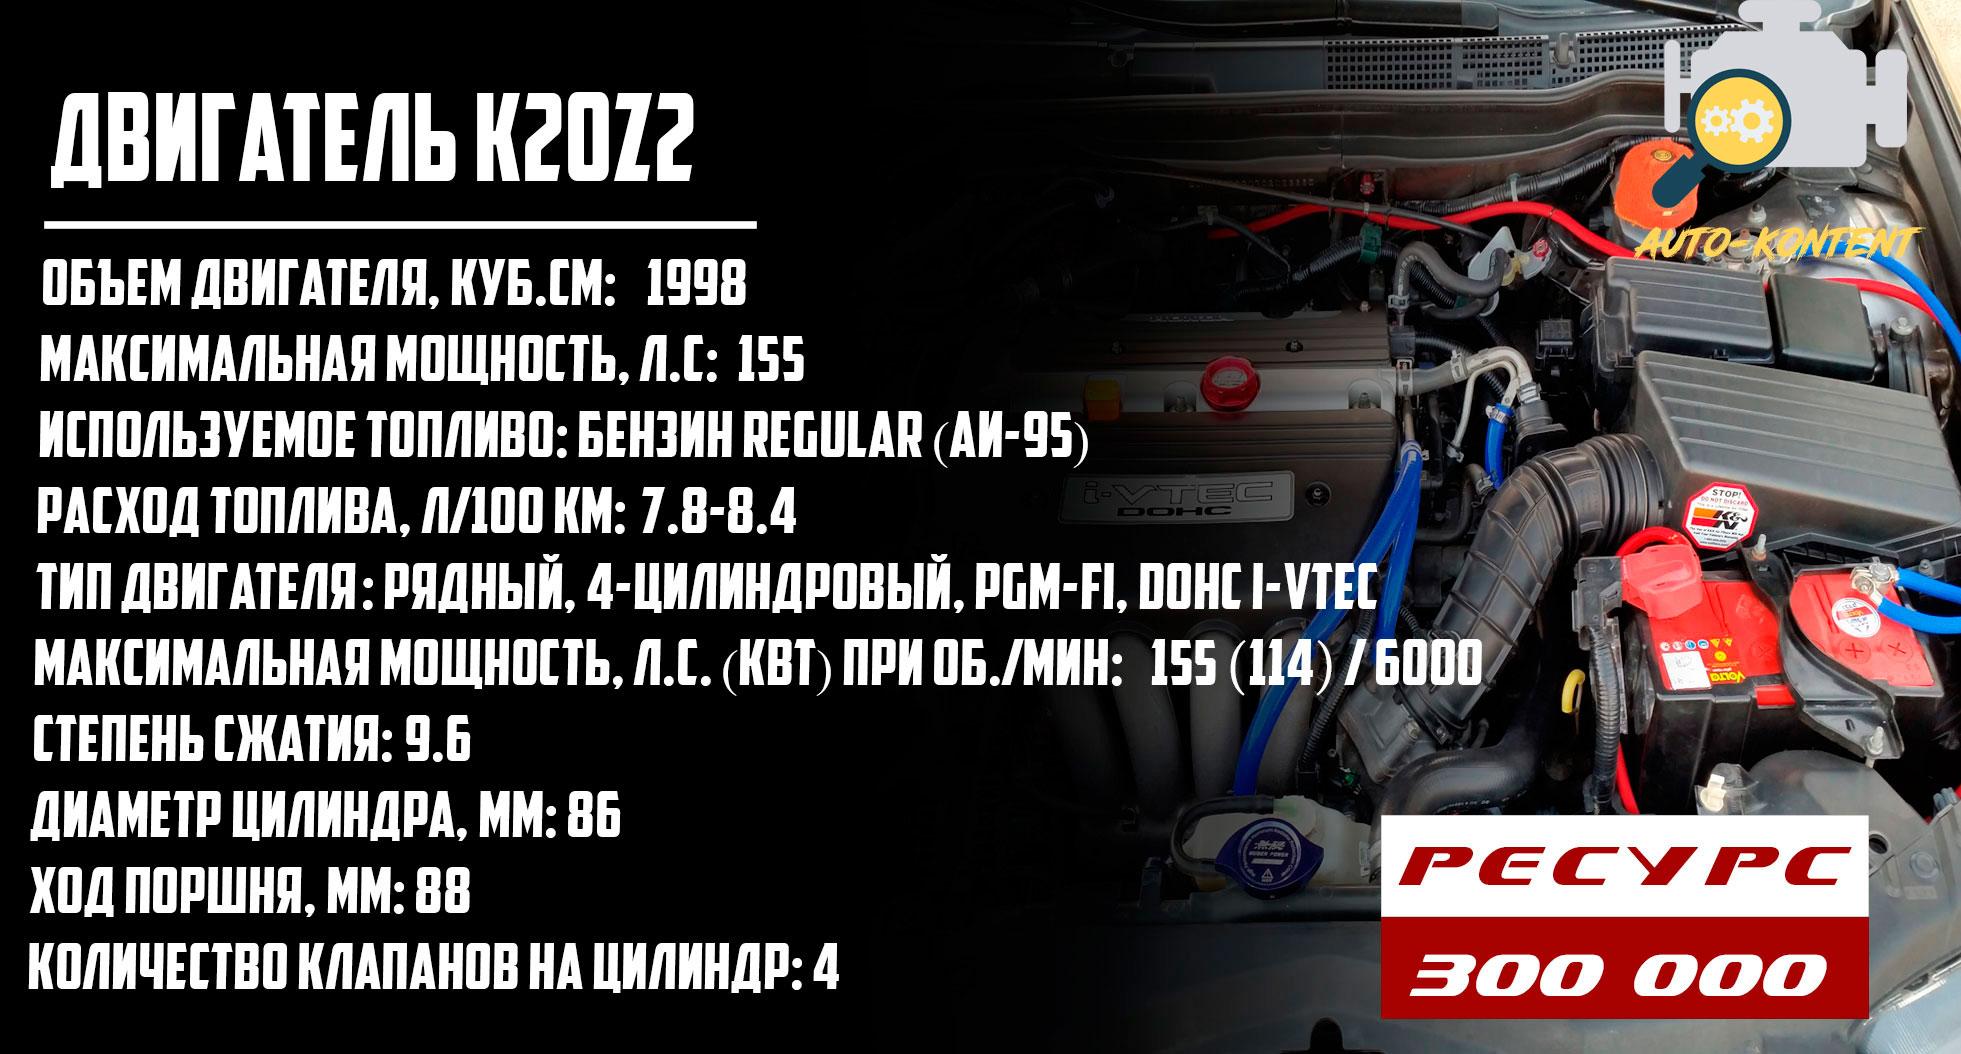 ресурс двигателя K20Z2